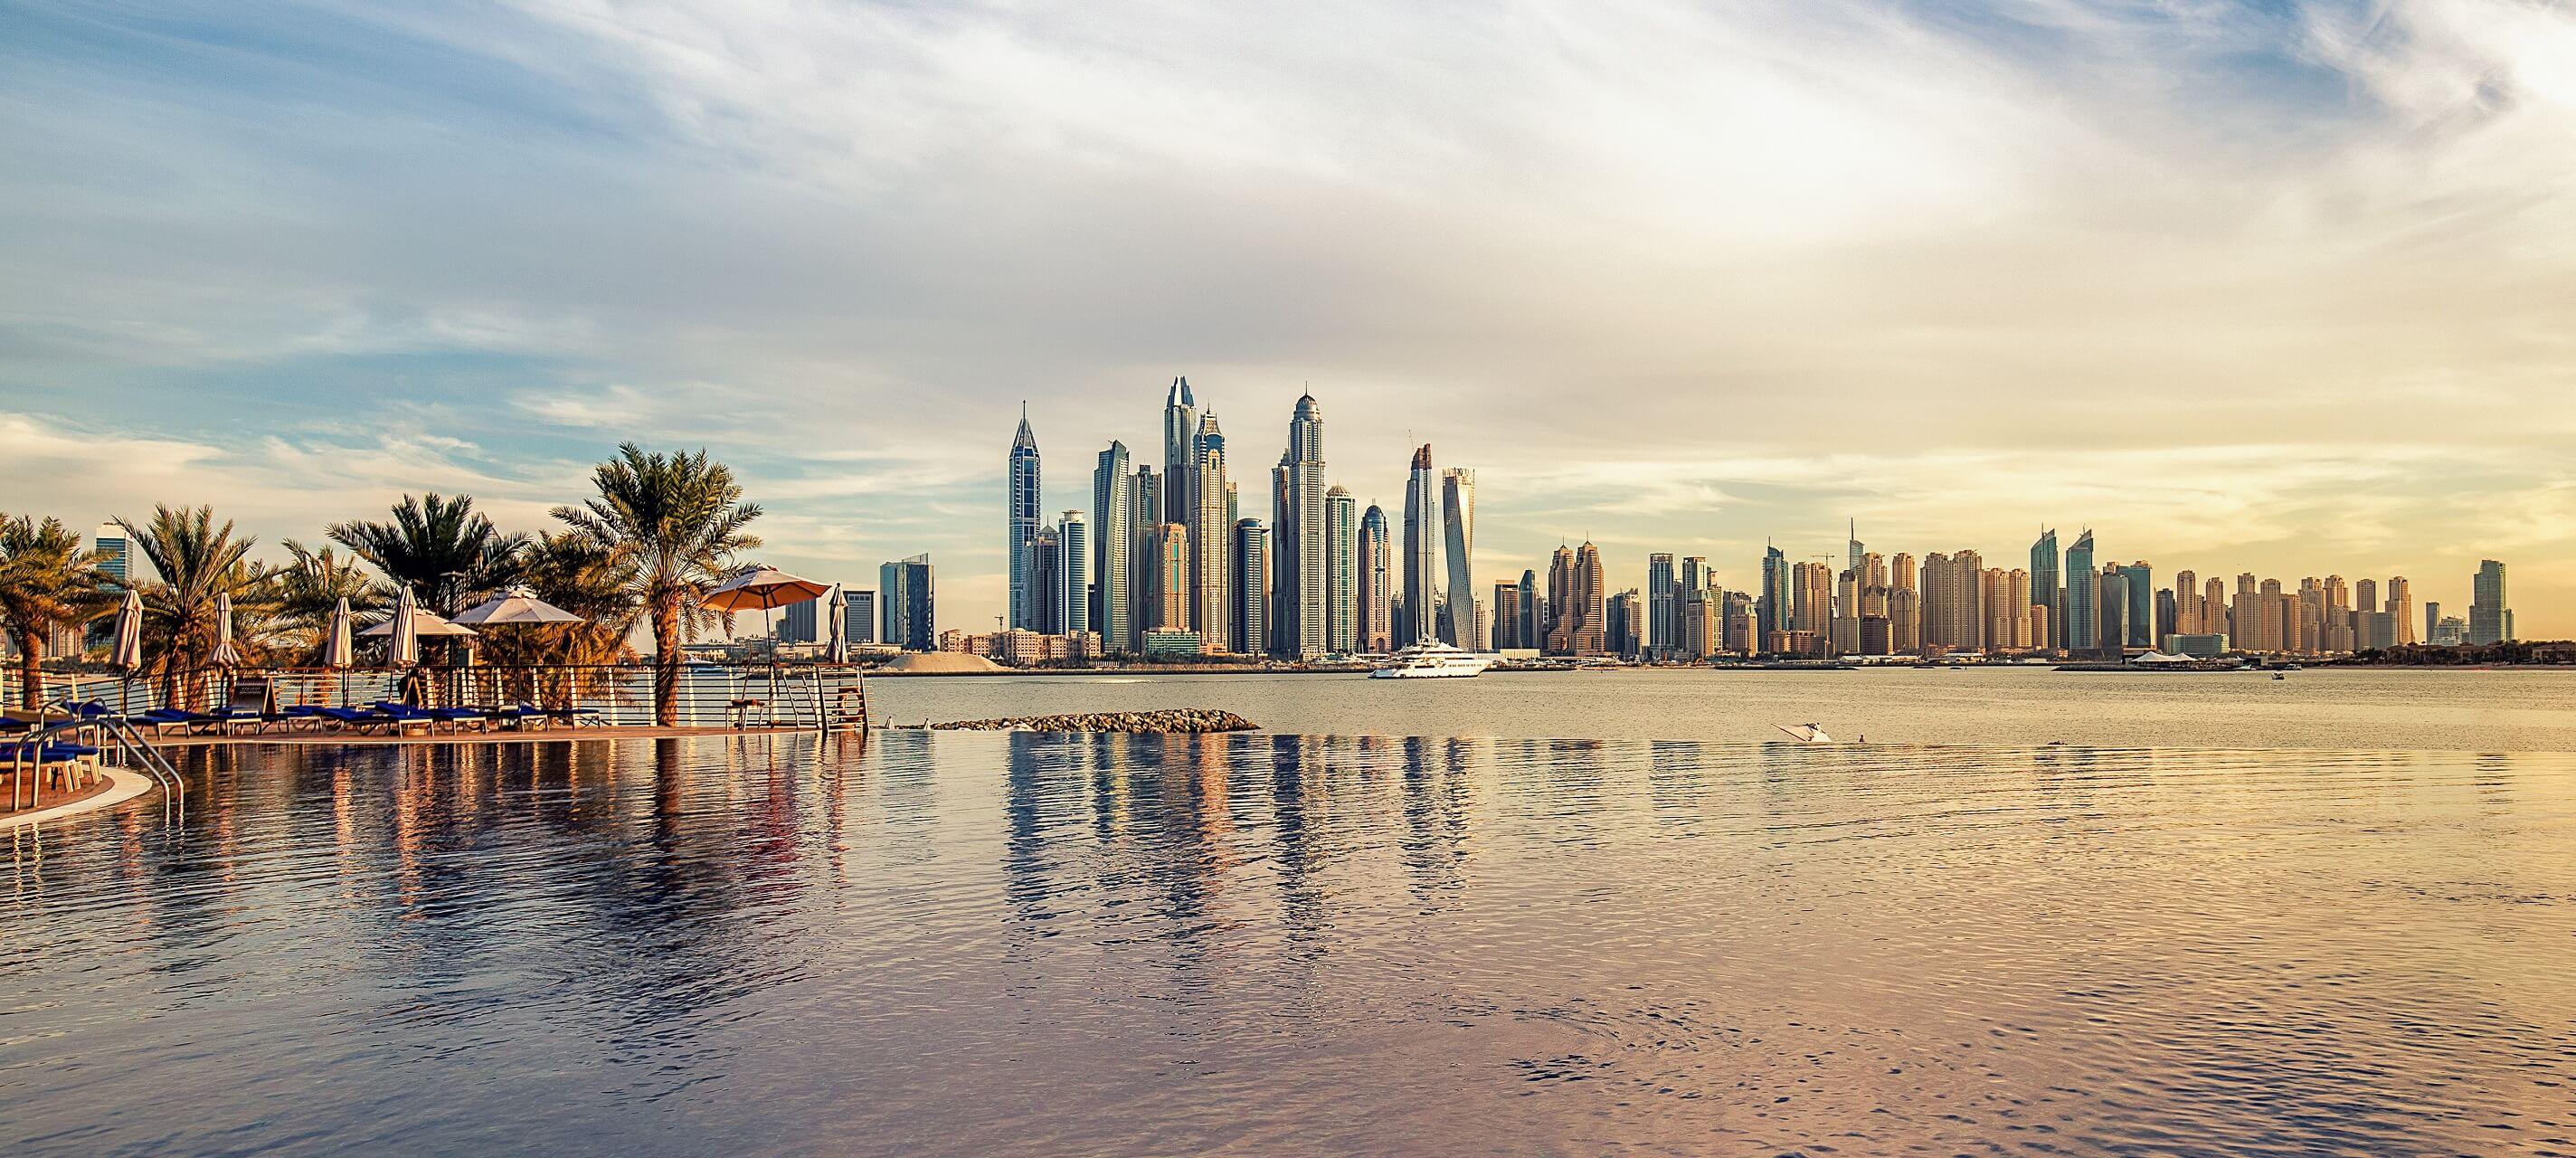 Pauschalreise mit Buchungsstrecke zum Beispiel nach Dubai